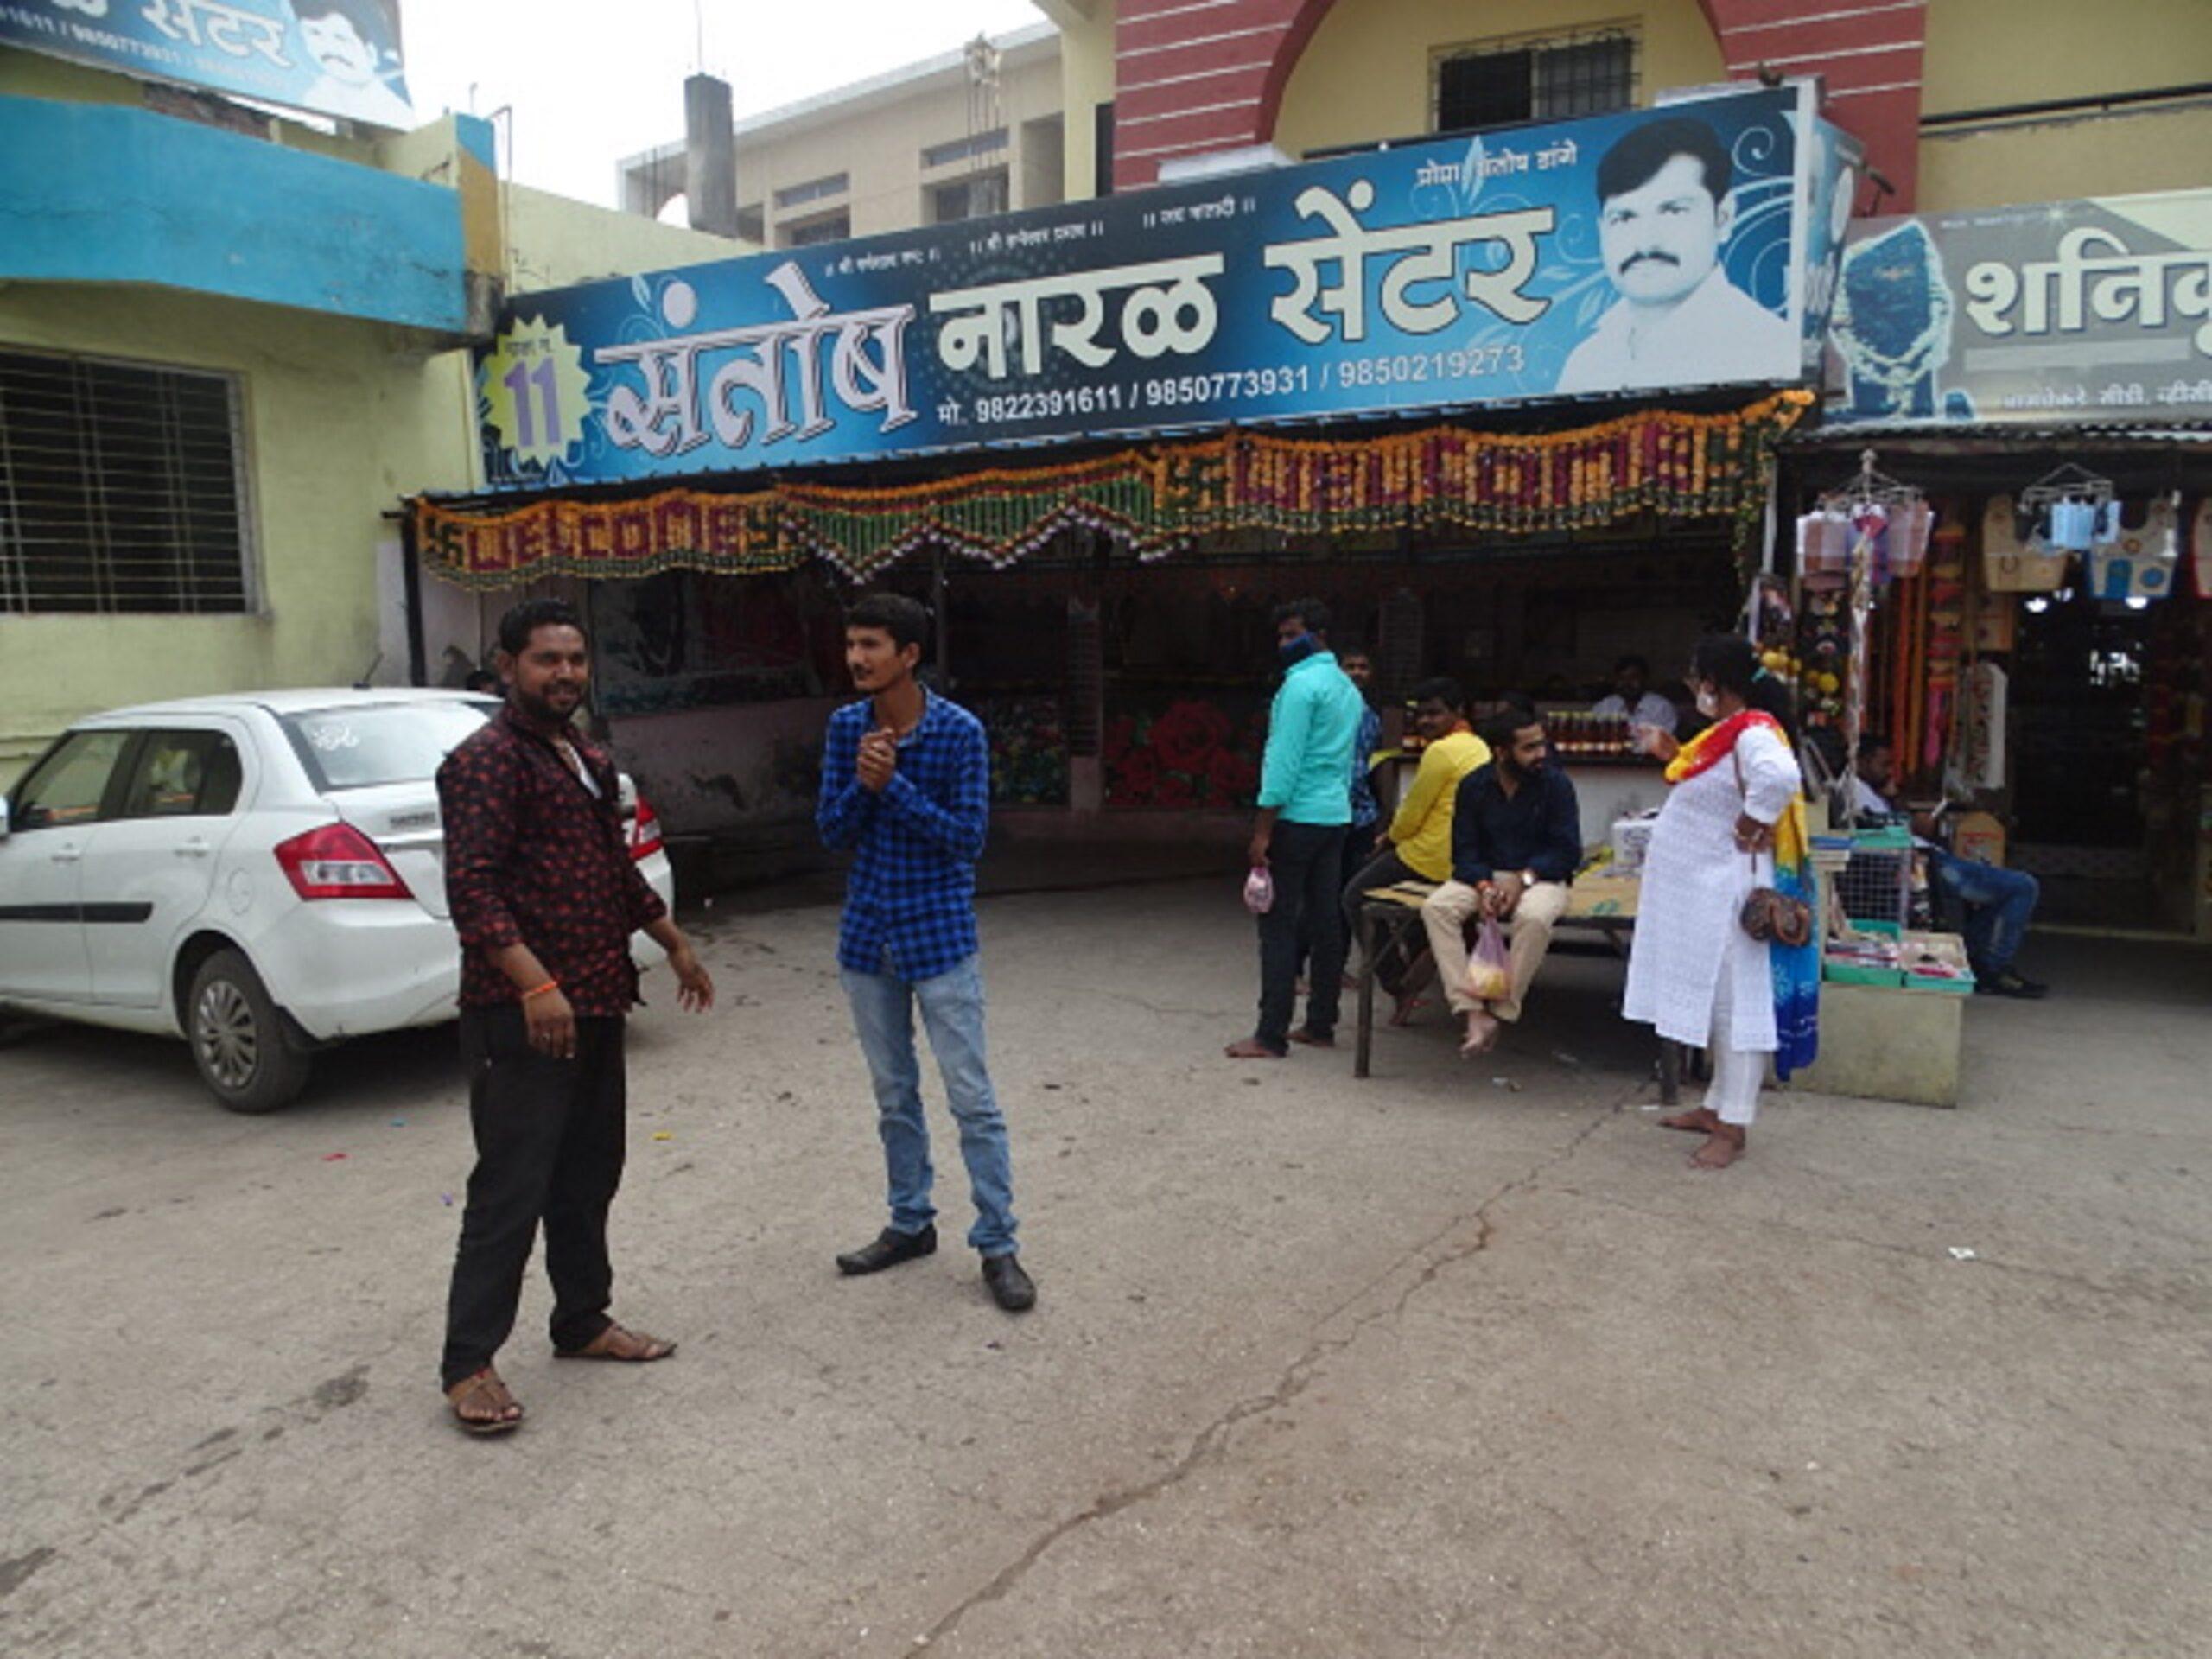 Santosh Nariyal Centre, Shani Shingnapur, Maharashtra, India